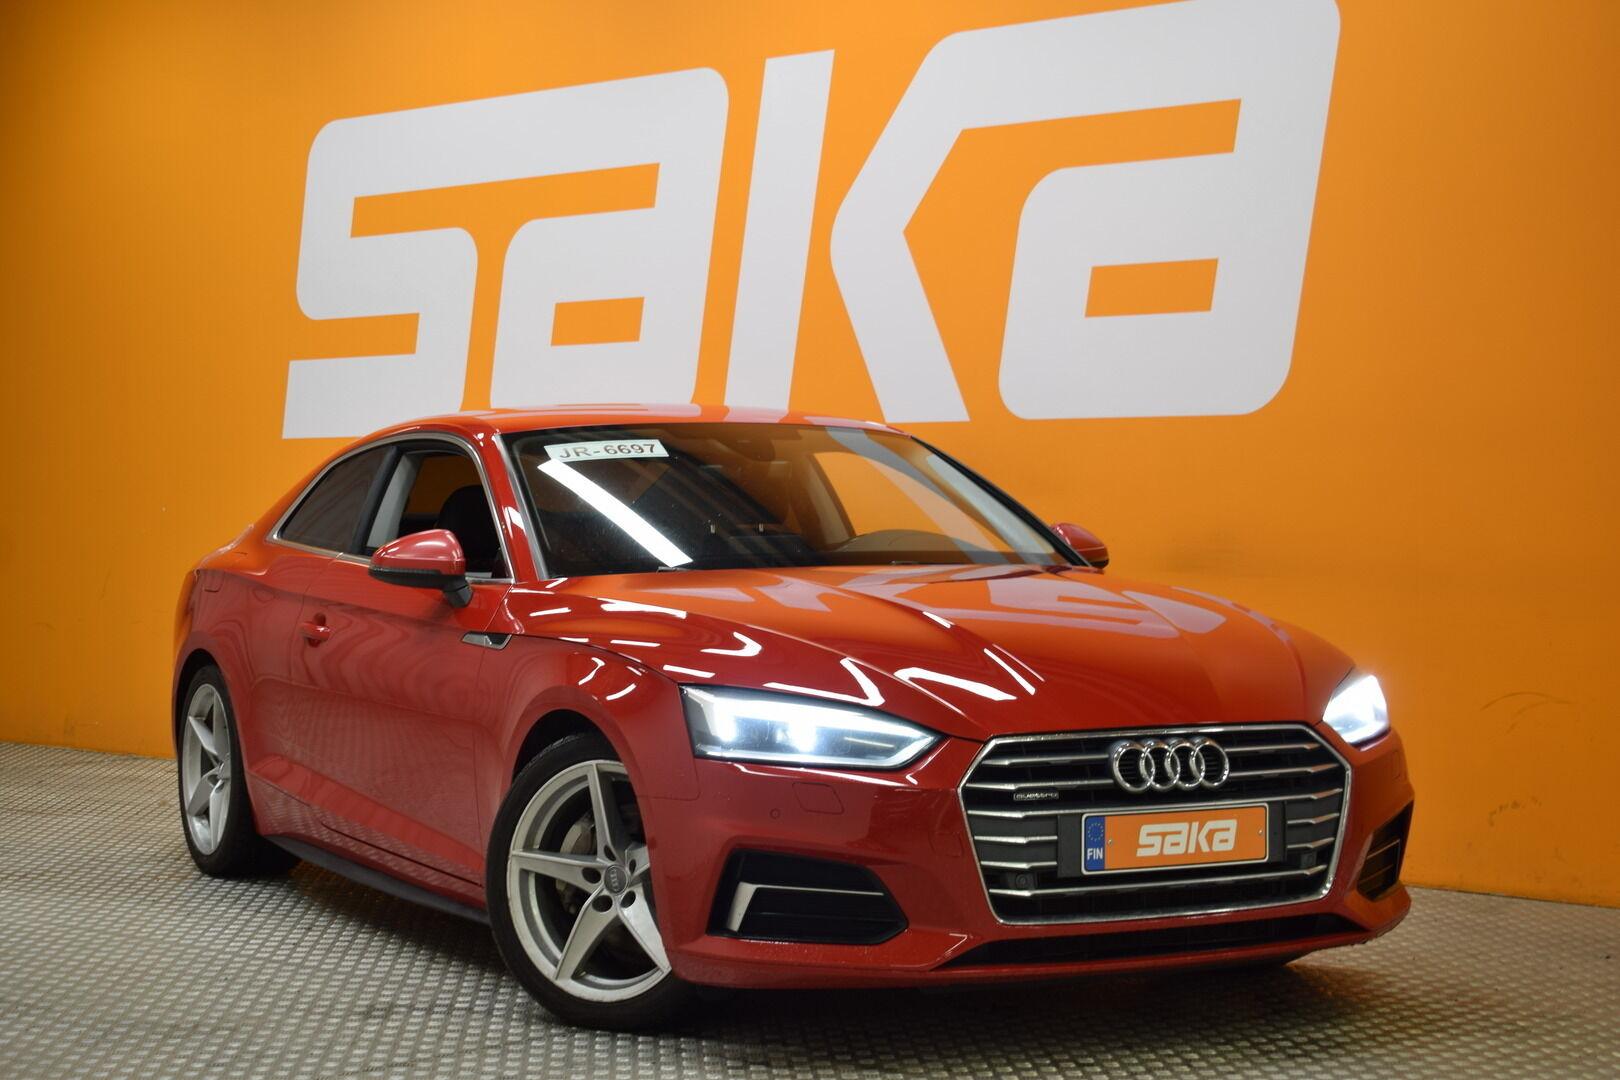 Punainen Coupe, Audi A5 – KON-06797, kuva 1